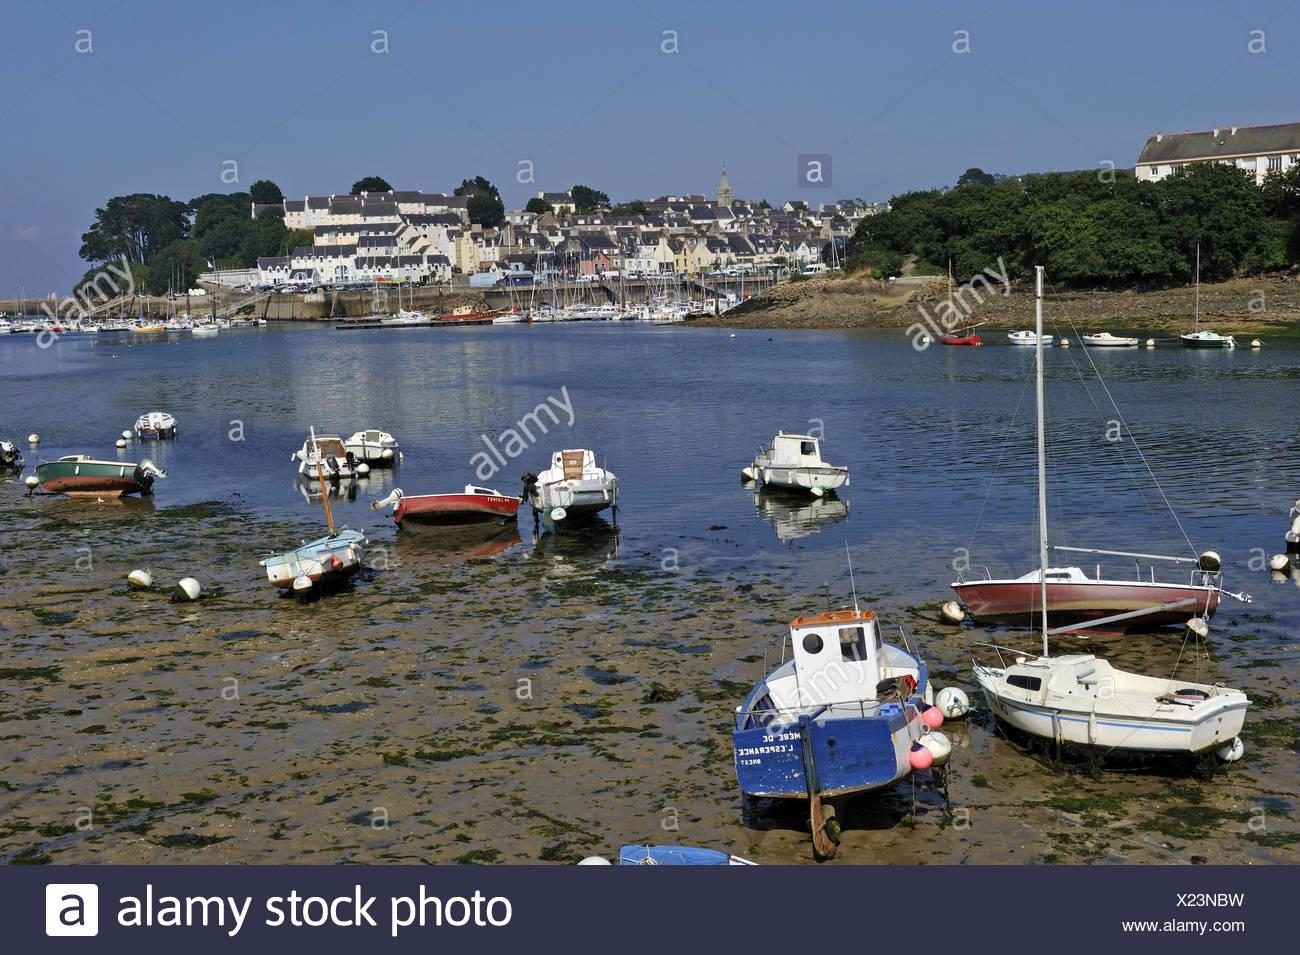 Le long de la baie d'origines Atlantique voile Bretagne côte couleur libre de cornouaille Douarnenez Ministère de l'estuaire de l'Europe Photo Stock